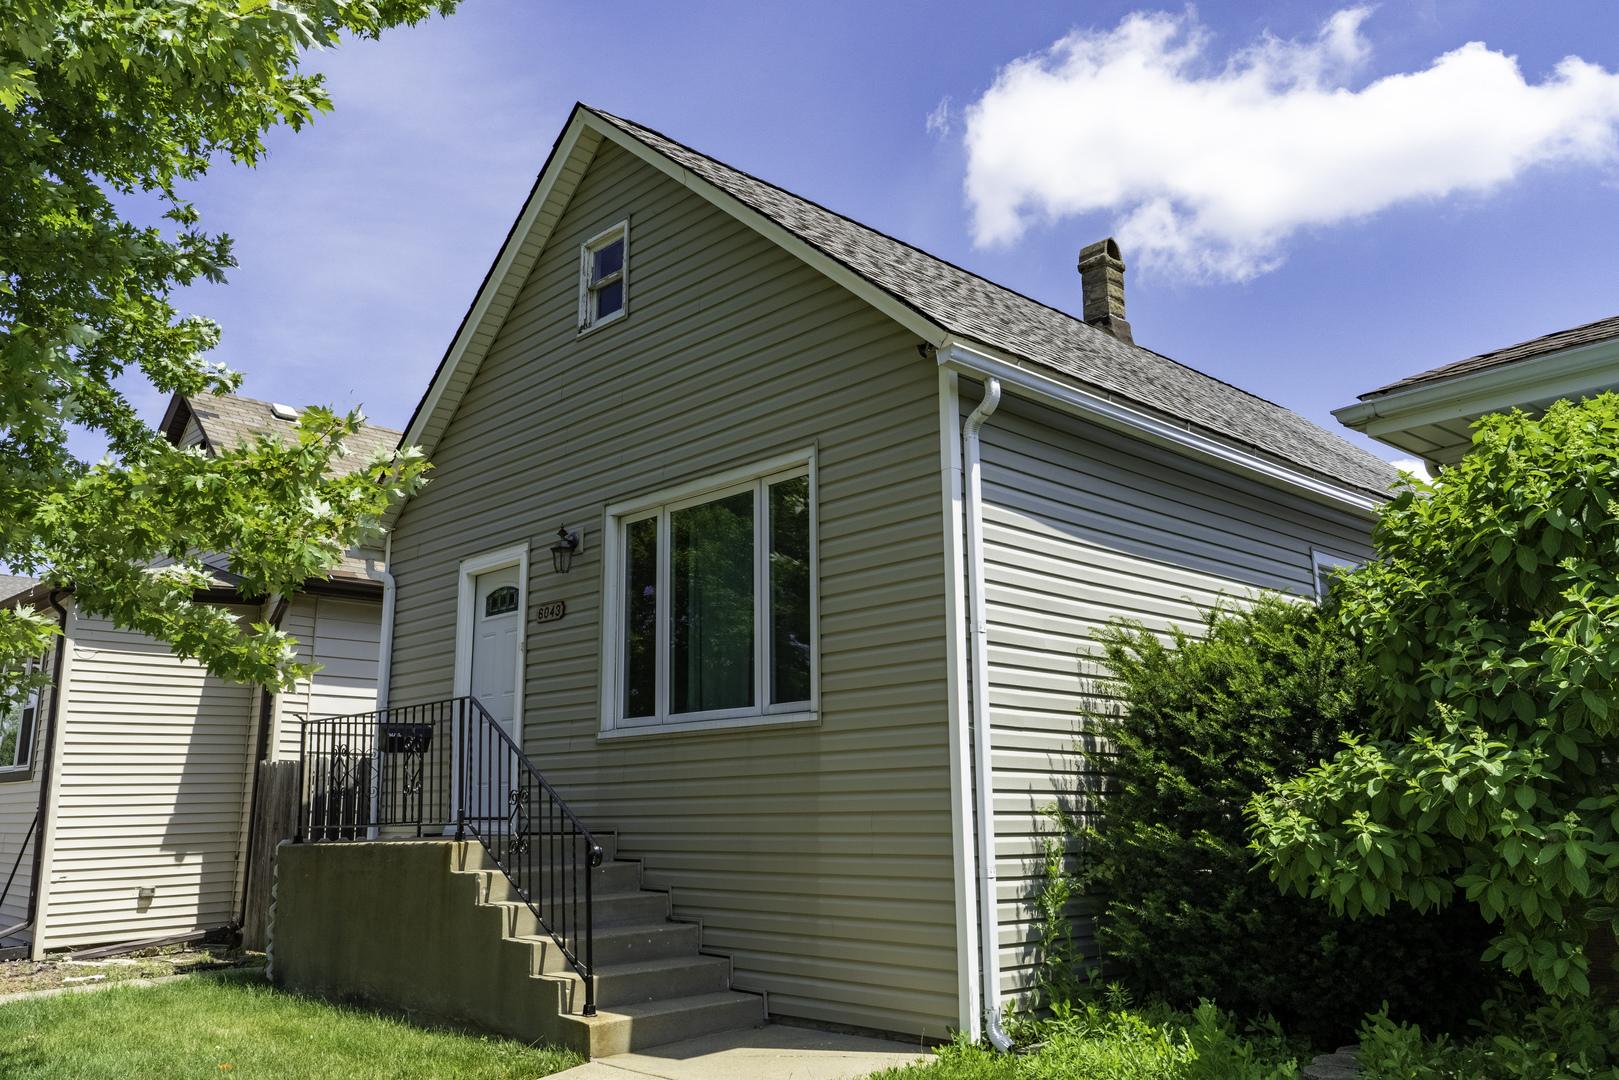 6043 S MASON Exterior Photo